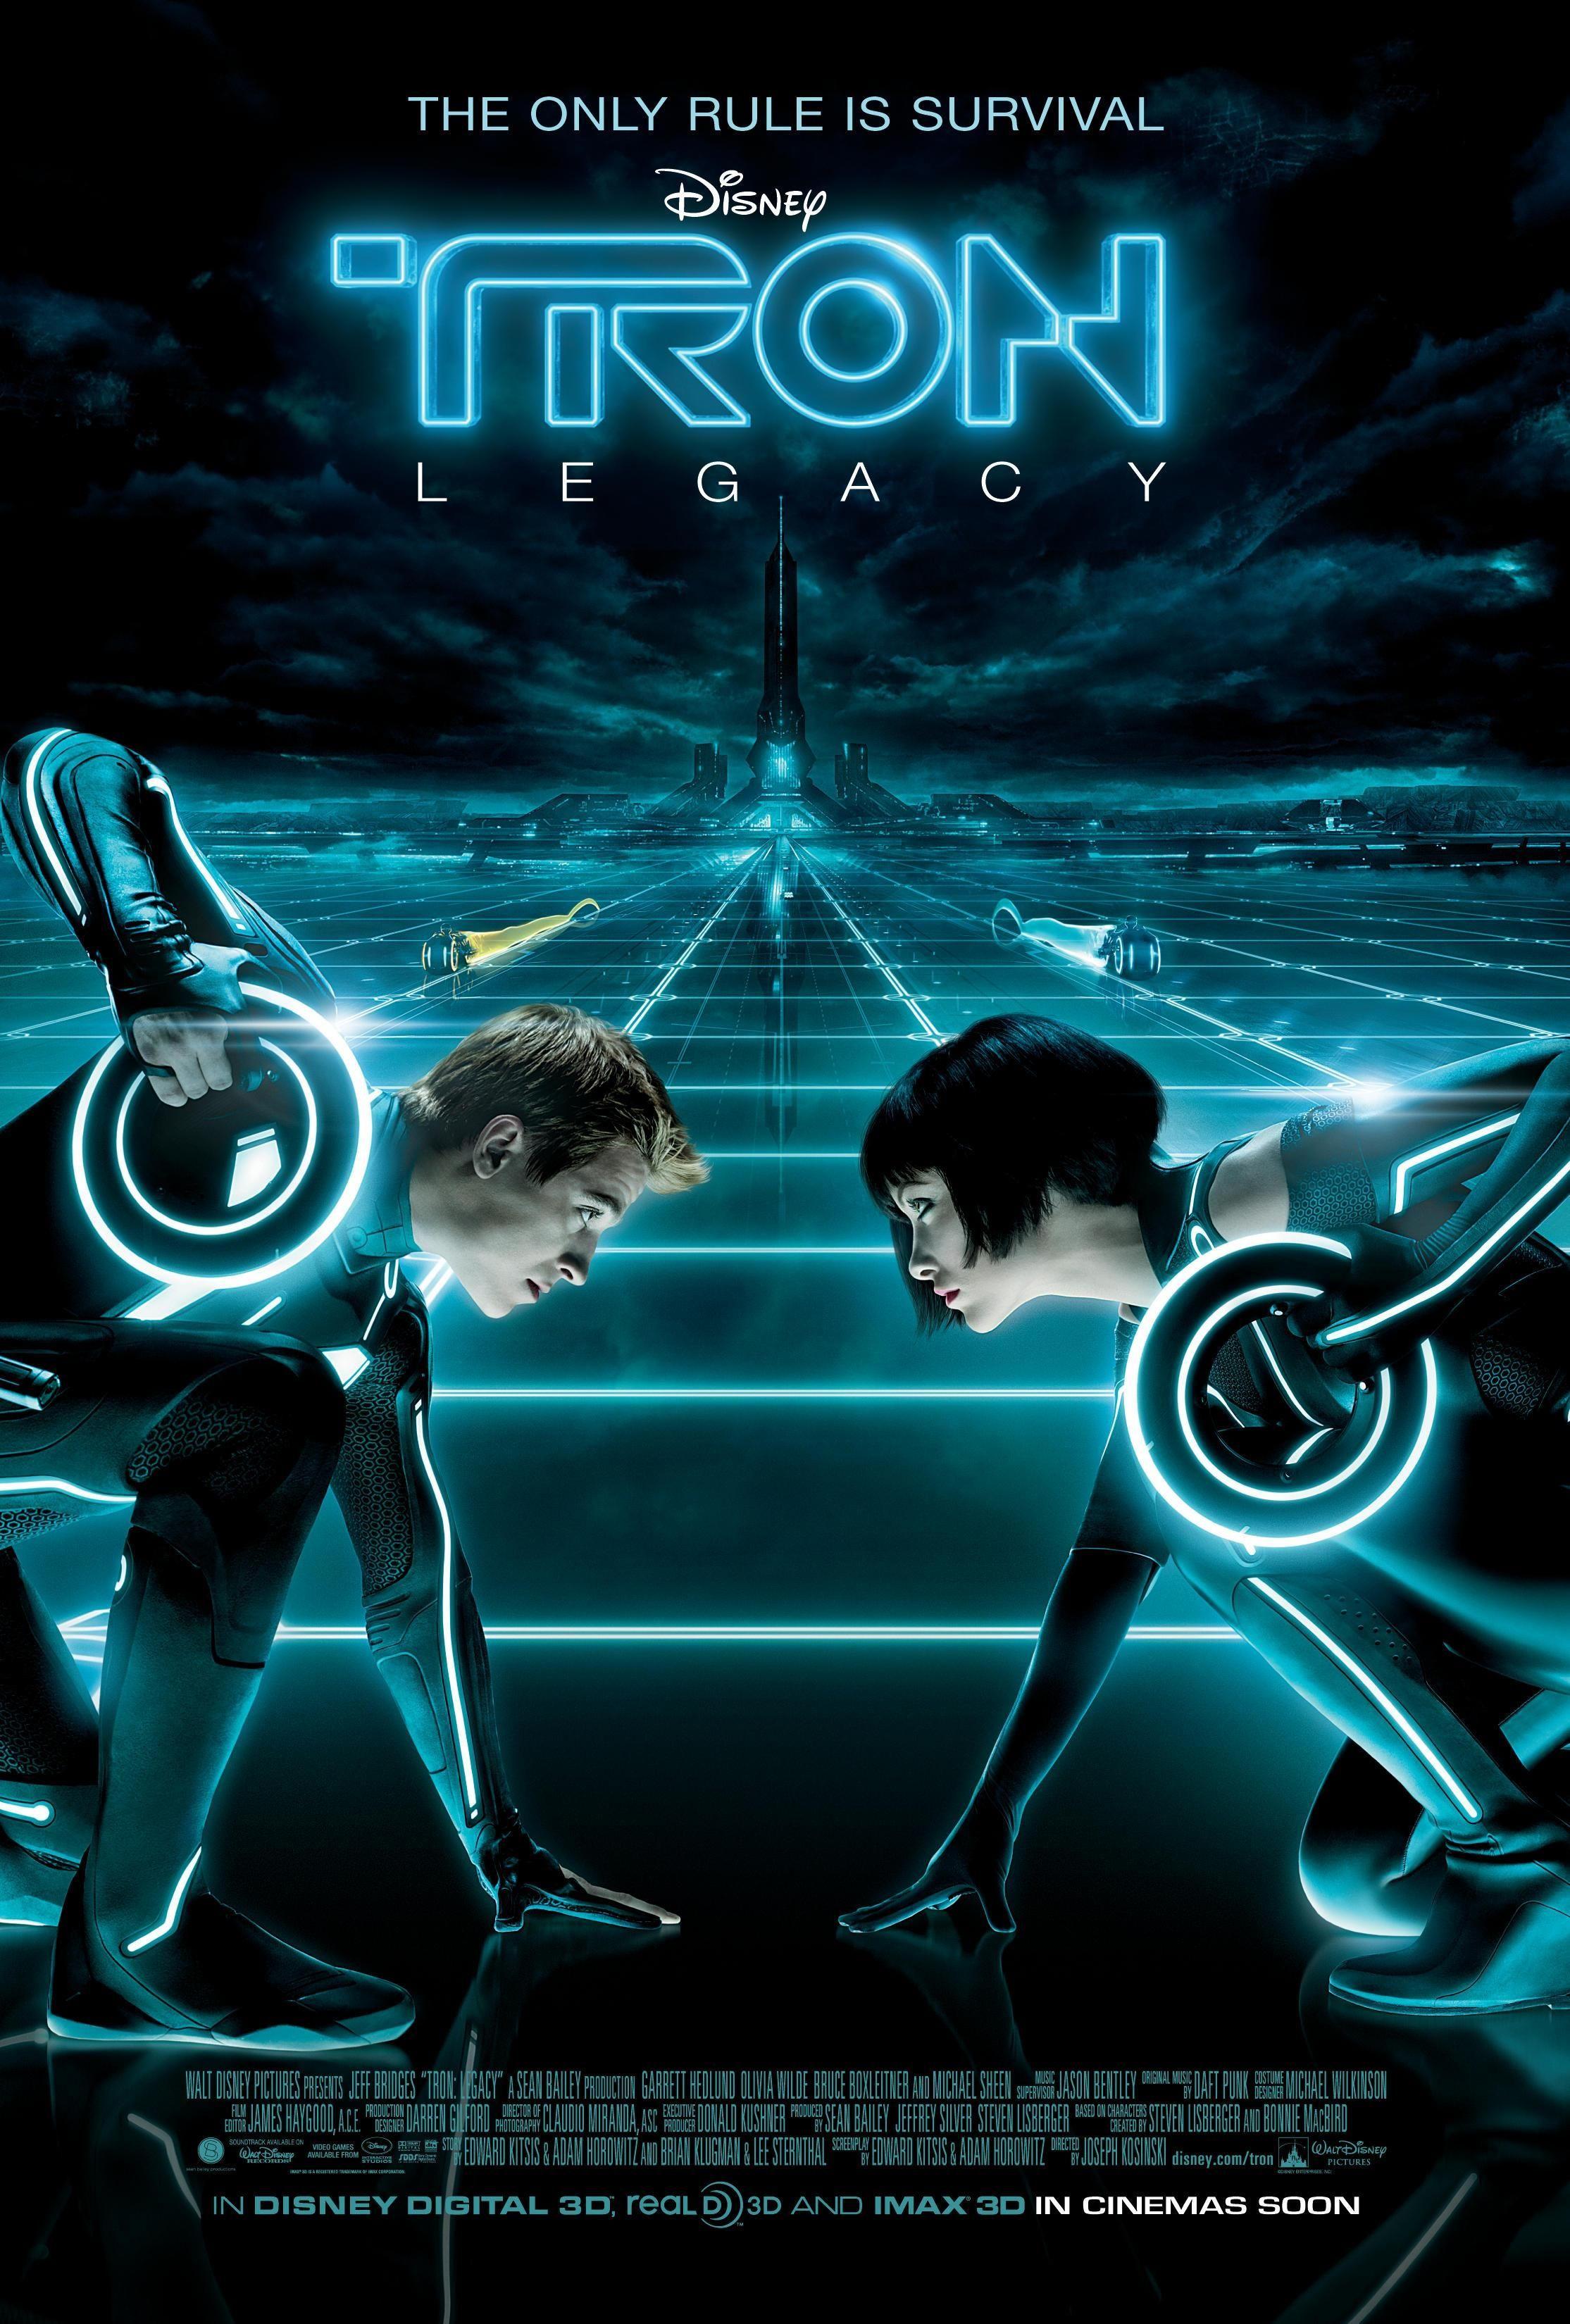 創:光速戰記 tron: legacy 3d,2010 | 電影 movie | pinterest | movie